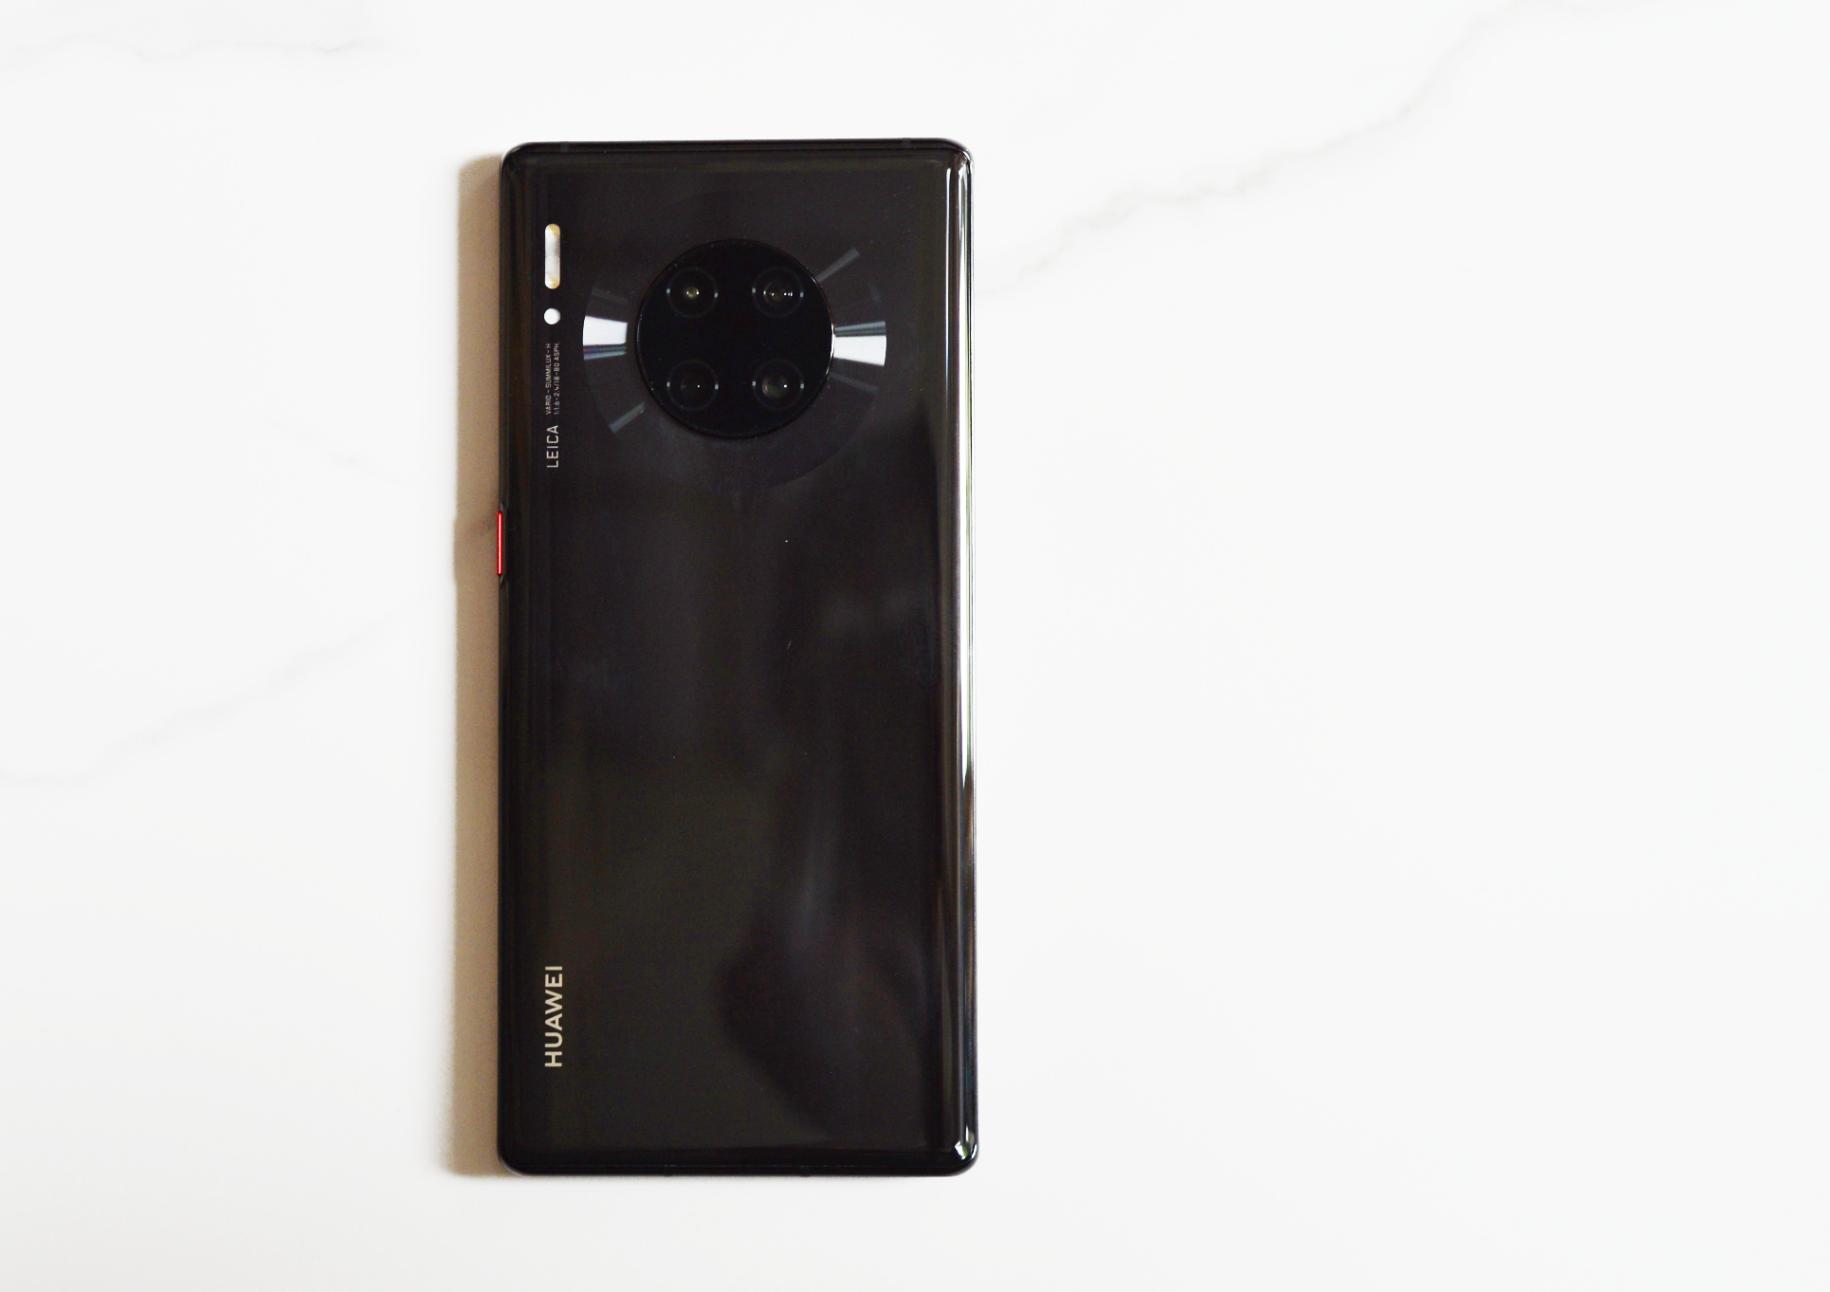 华为Mate30 Pro图赏:超曲面环幕屏,搭载麒麟990芯片的照片 - 7